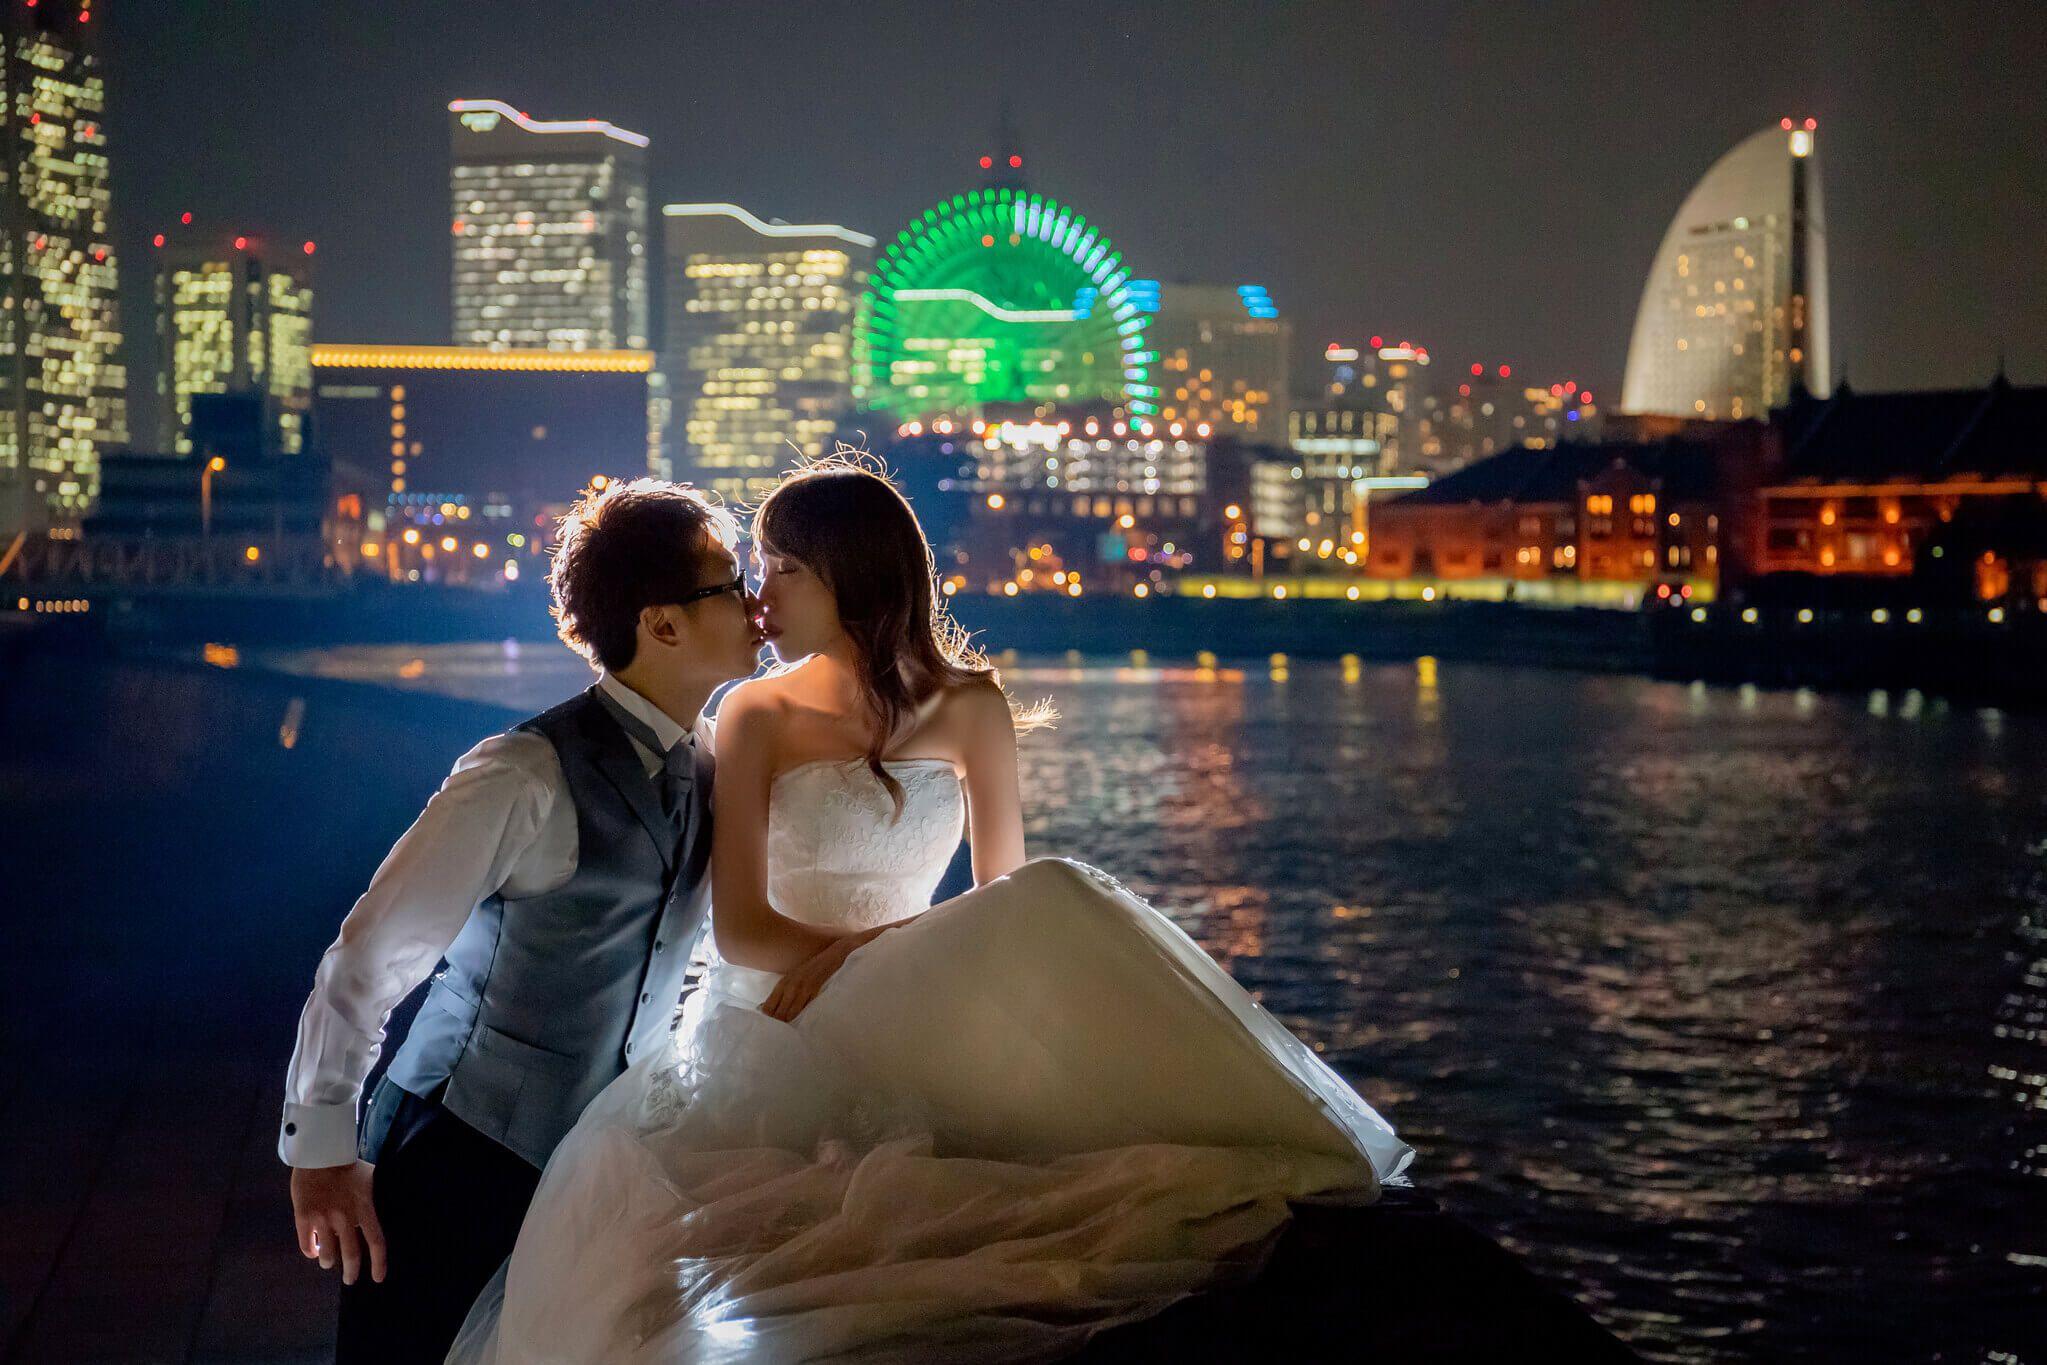 橫濱婚紗,東京婚紗,海外婚紗,夜景婚紗,日本婚紗攝影